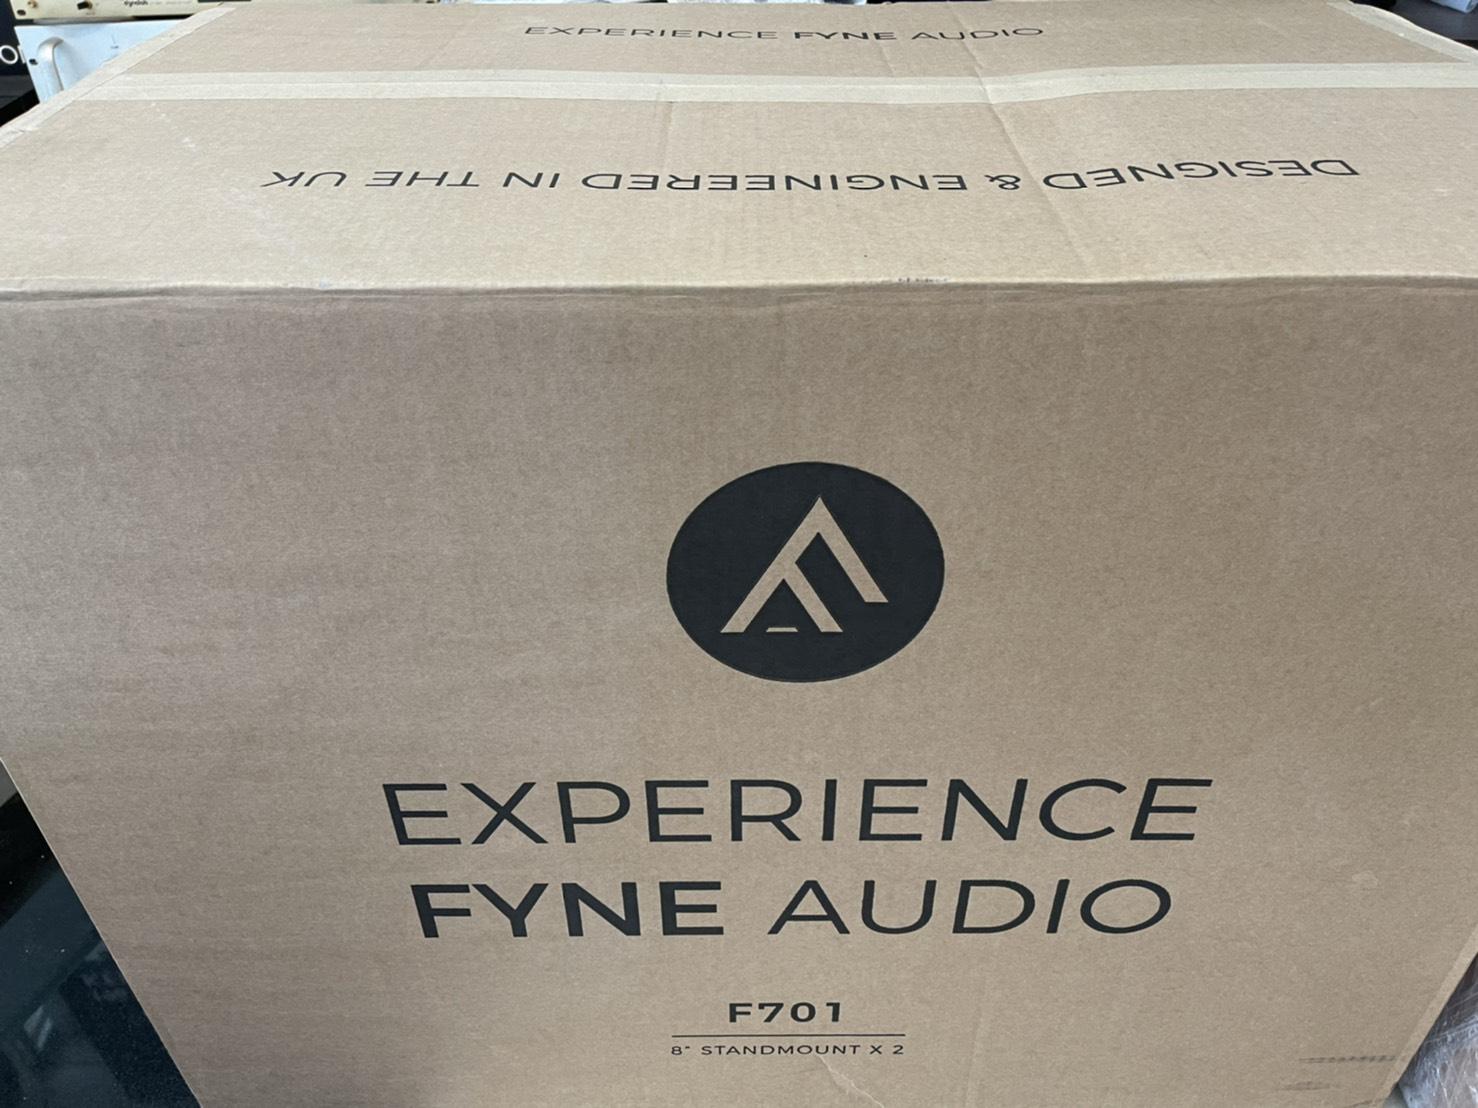 ~台北台中鳳誠影音~ FYNE AUDIO F-700 TANNOY 蘇格蘭頂級八吋書架同軸喇叭(歡迎議價另有F701)